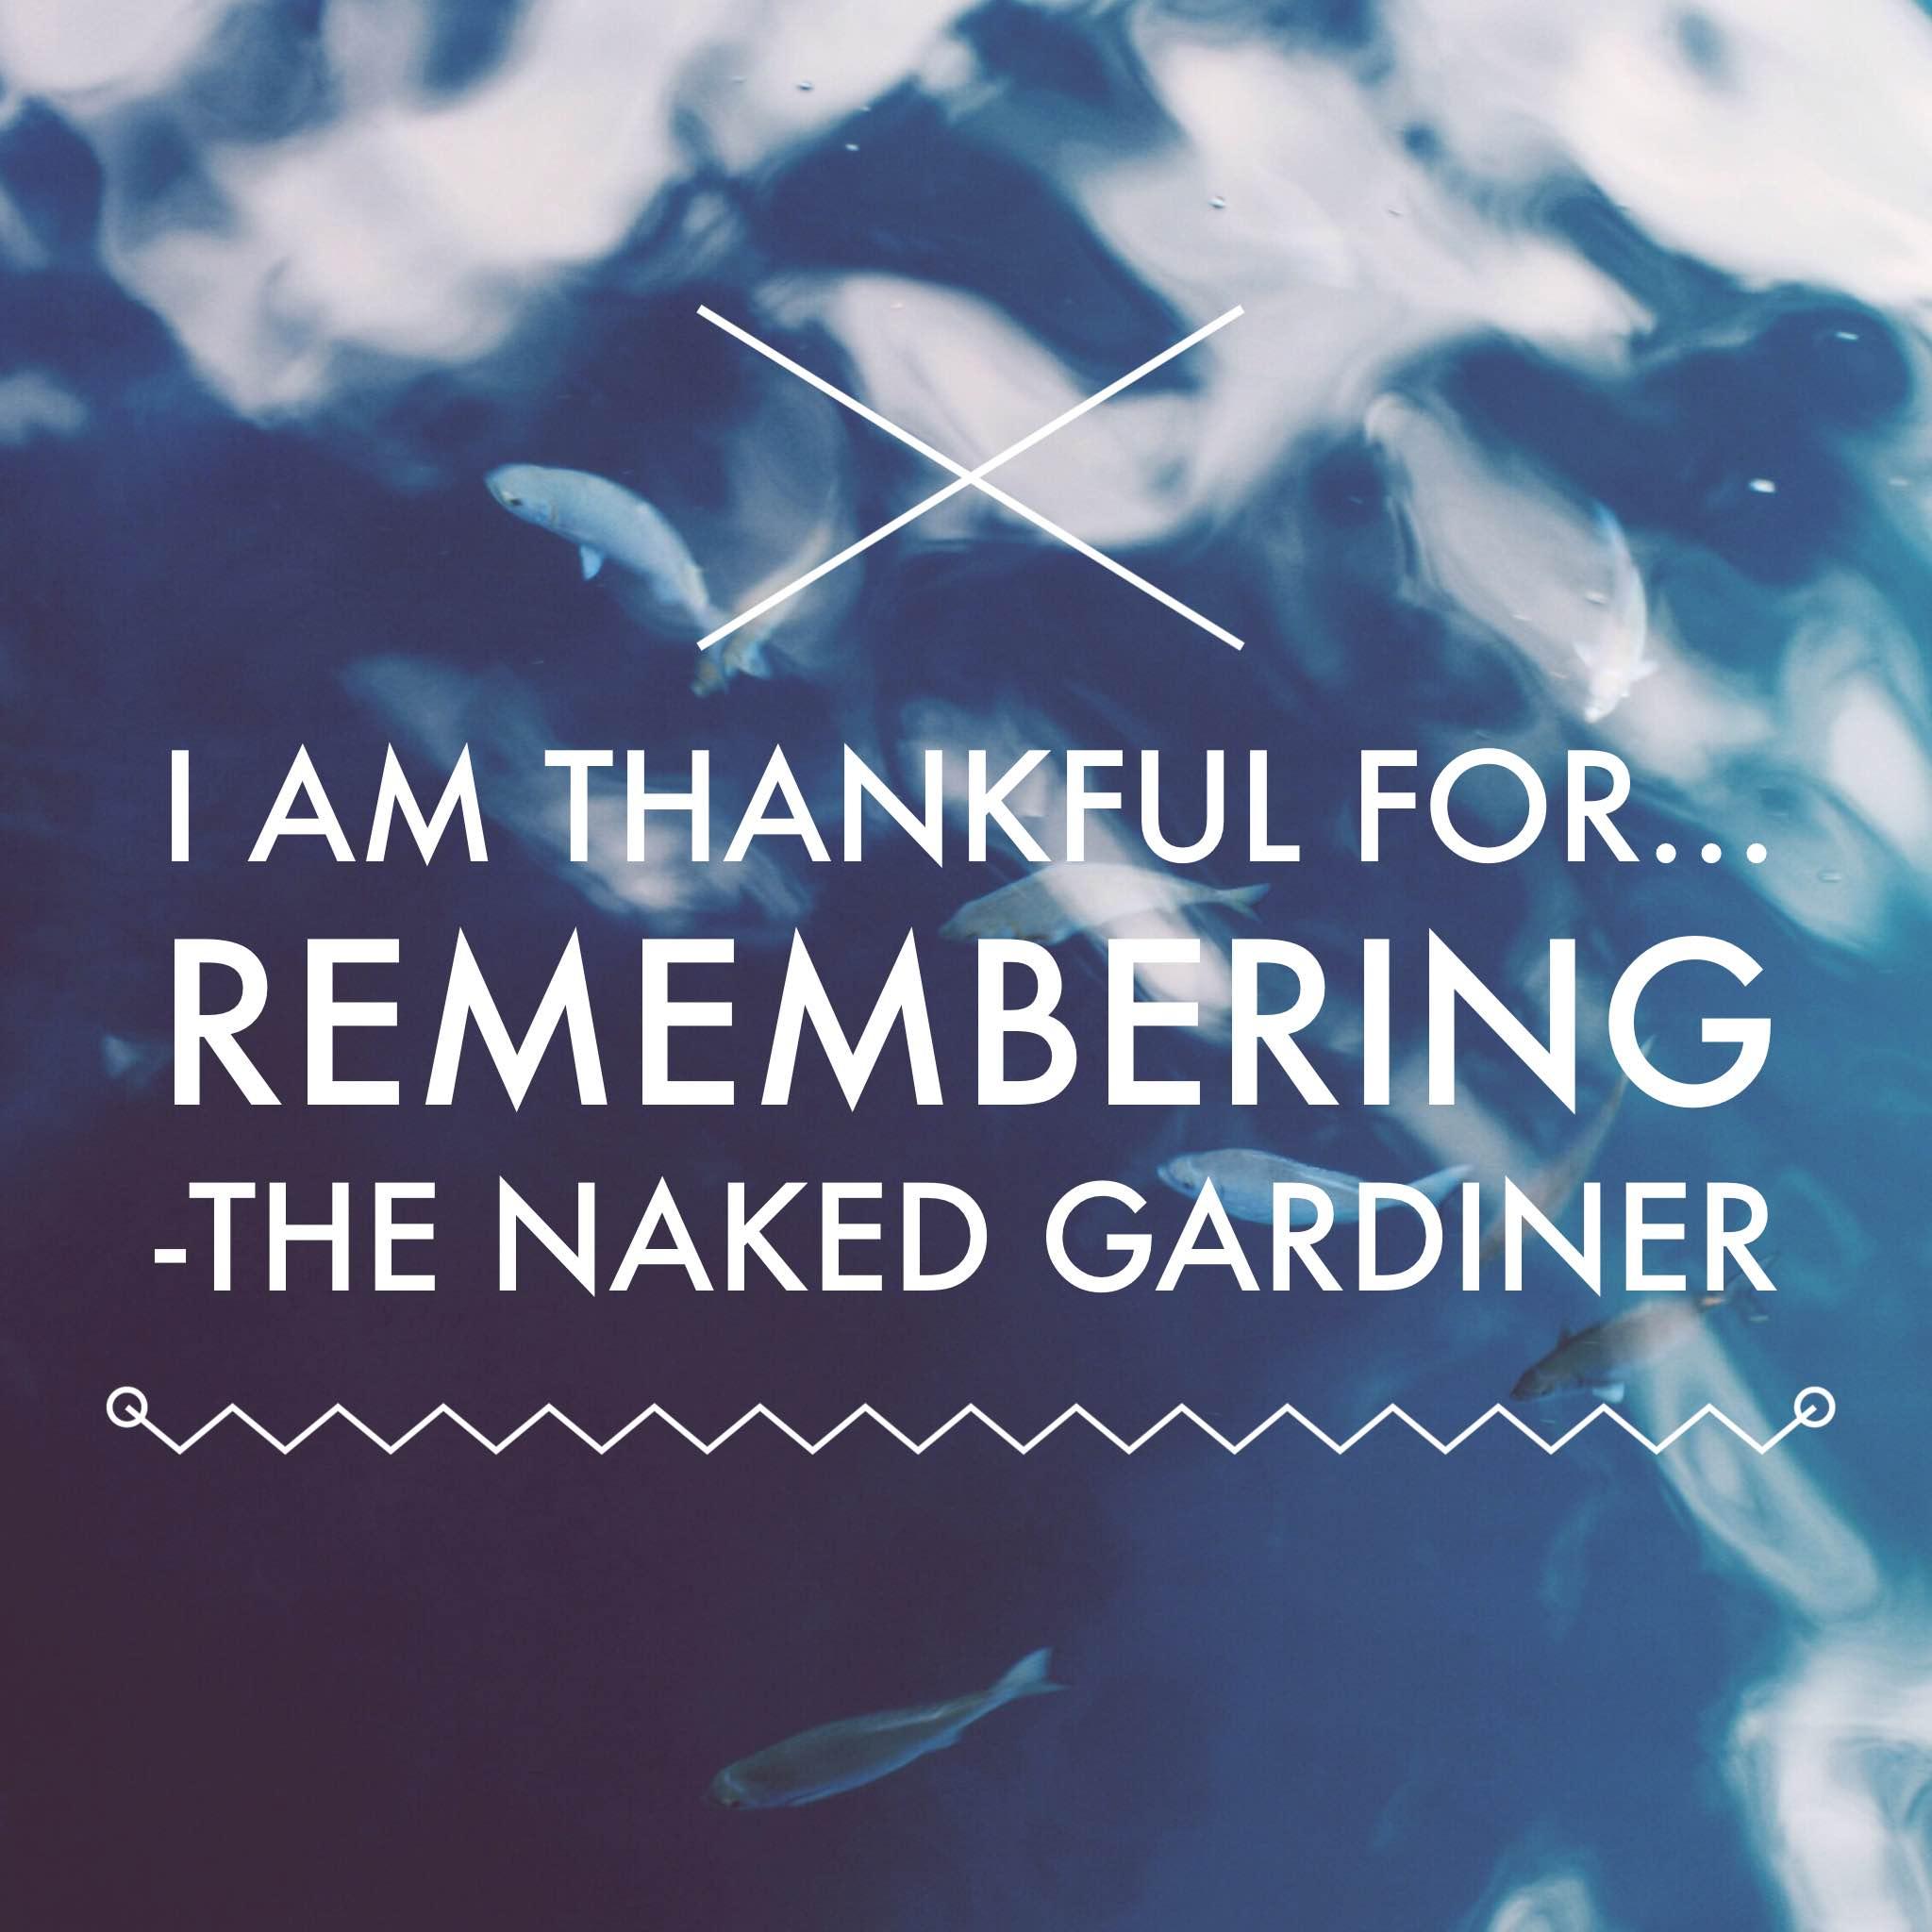 thankful-thursday-remembering-thenakedgardiner